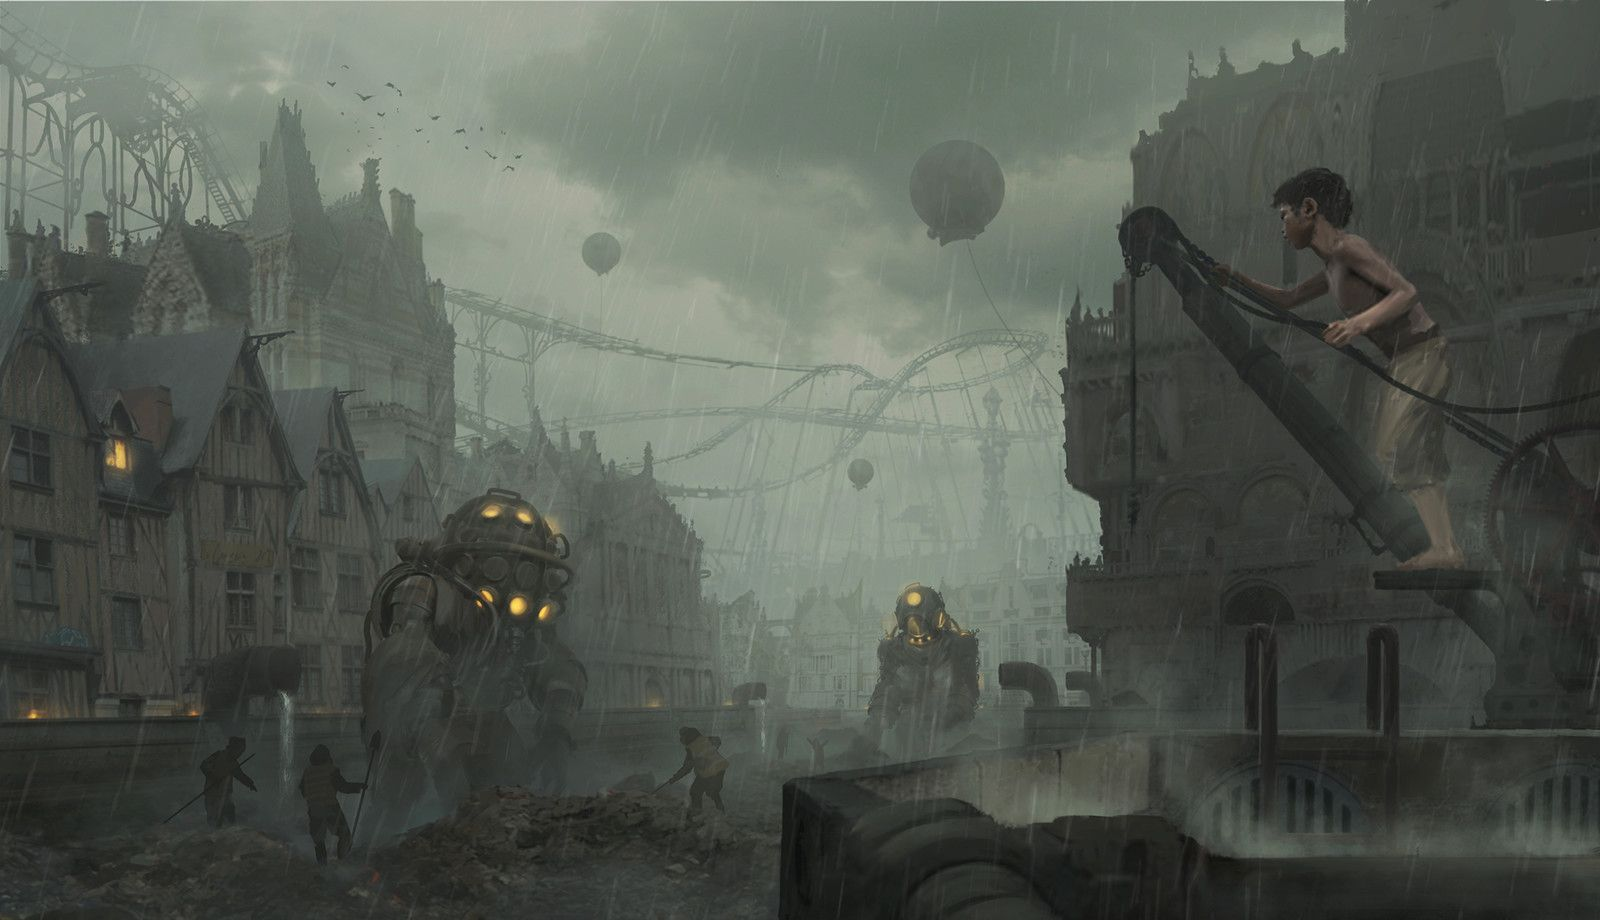 Tlennbern series. The Dump Channel, Rostyslav Zagornov on ArtStation at https://www.artstation.com/artwork/lGzEV